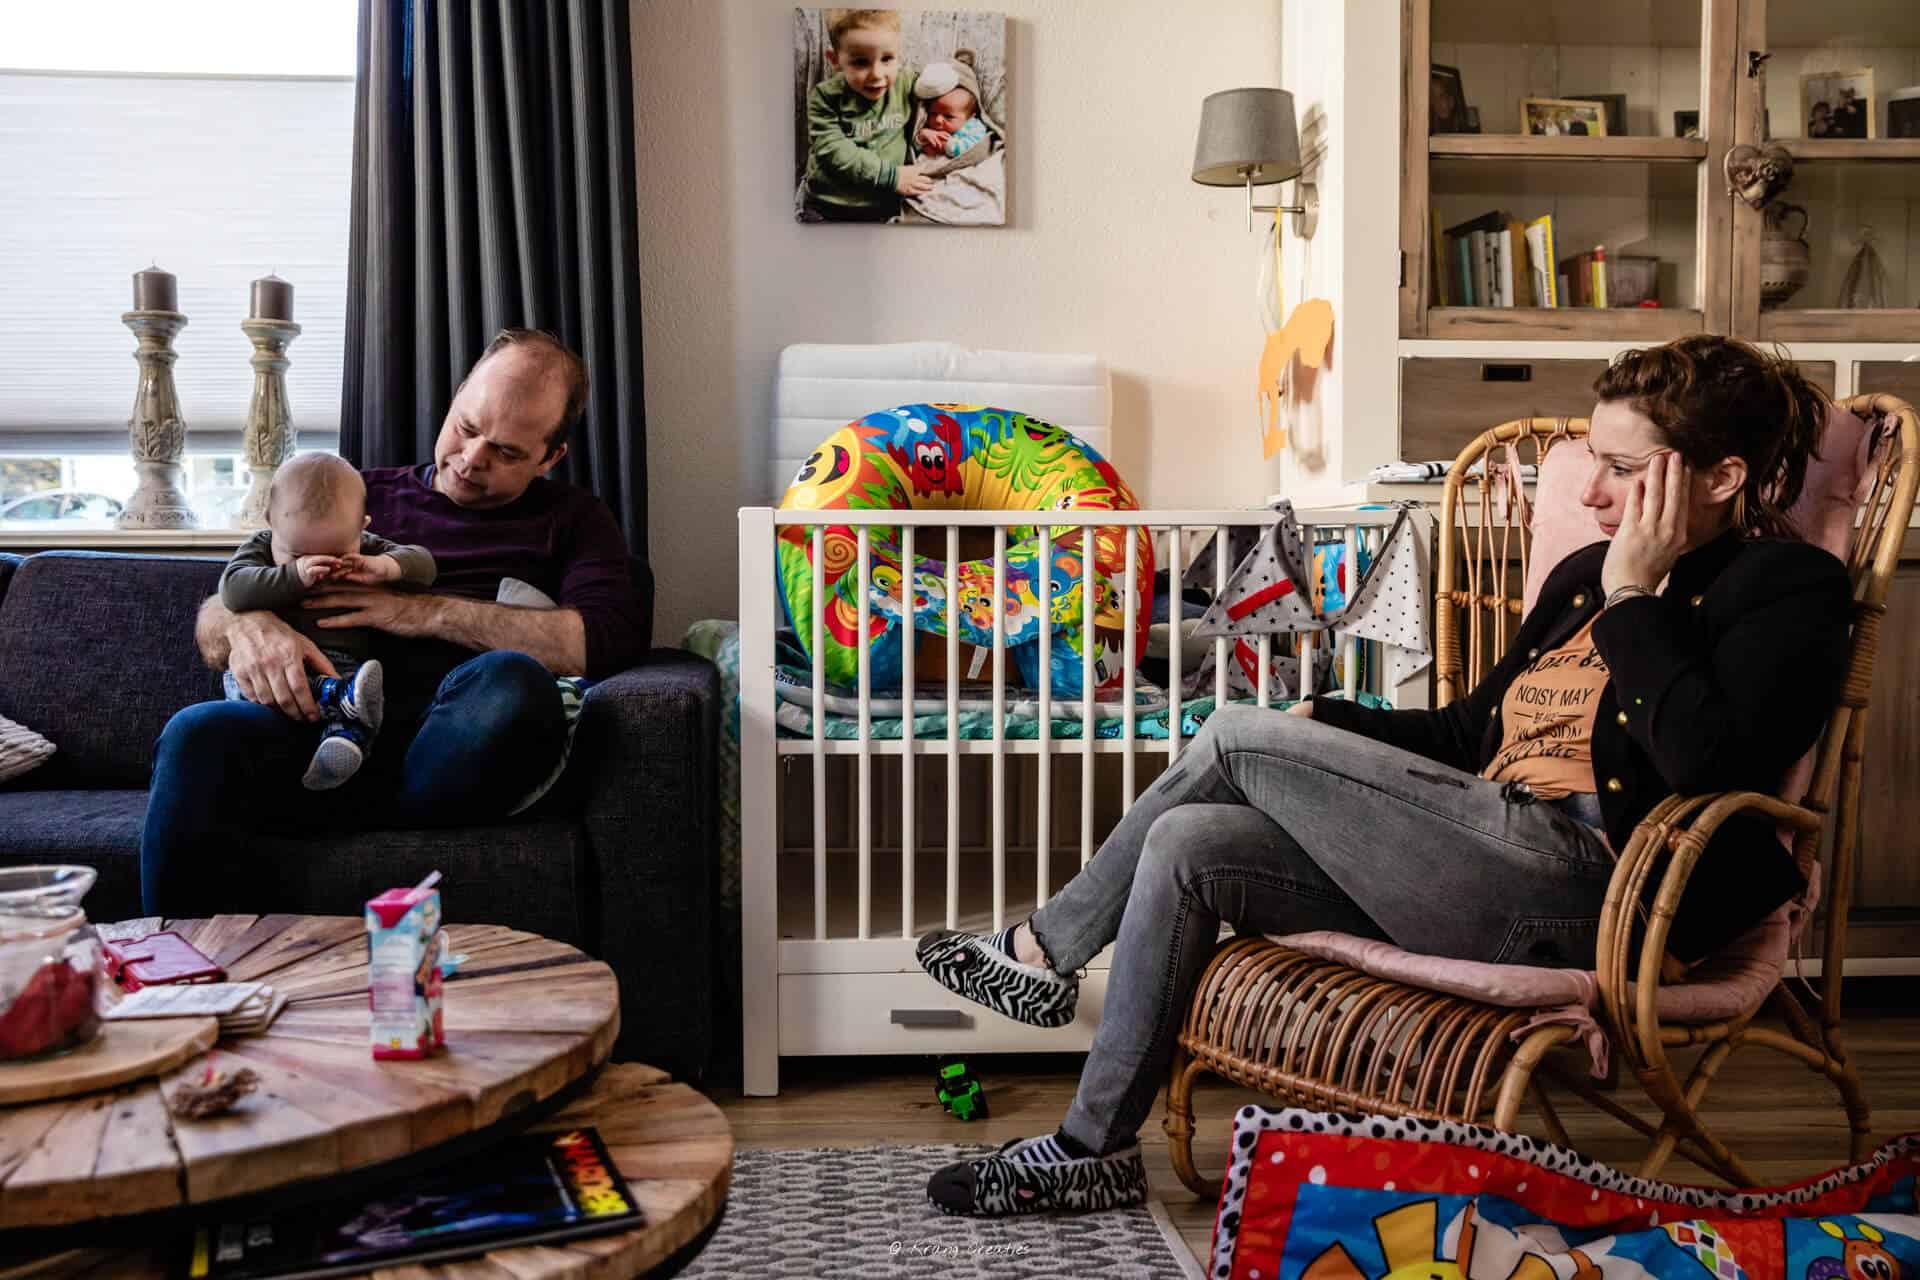 Familiefotografie_Achterhoek_Lichtenvoorde_Dayinthelife_Documentair-11